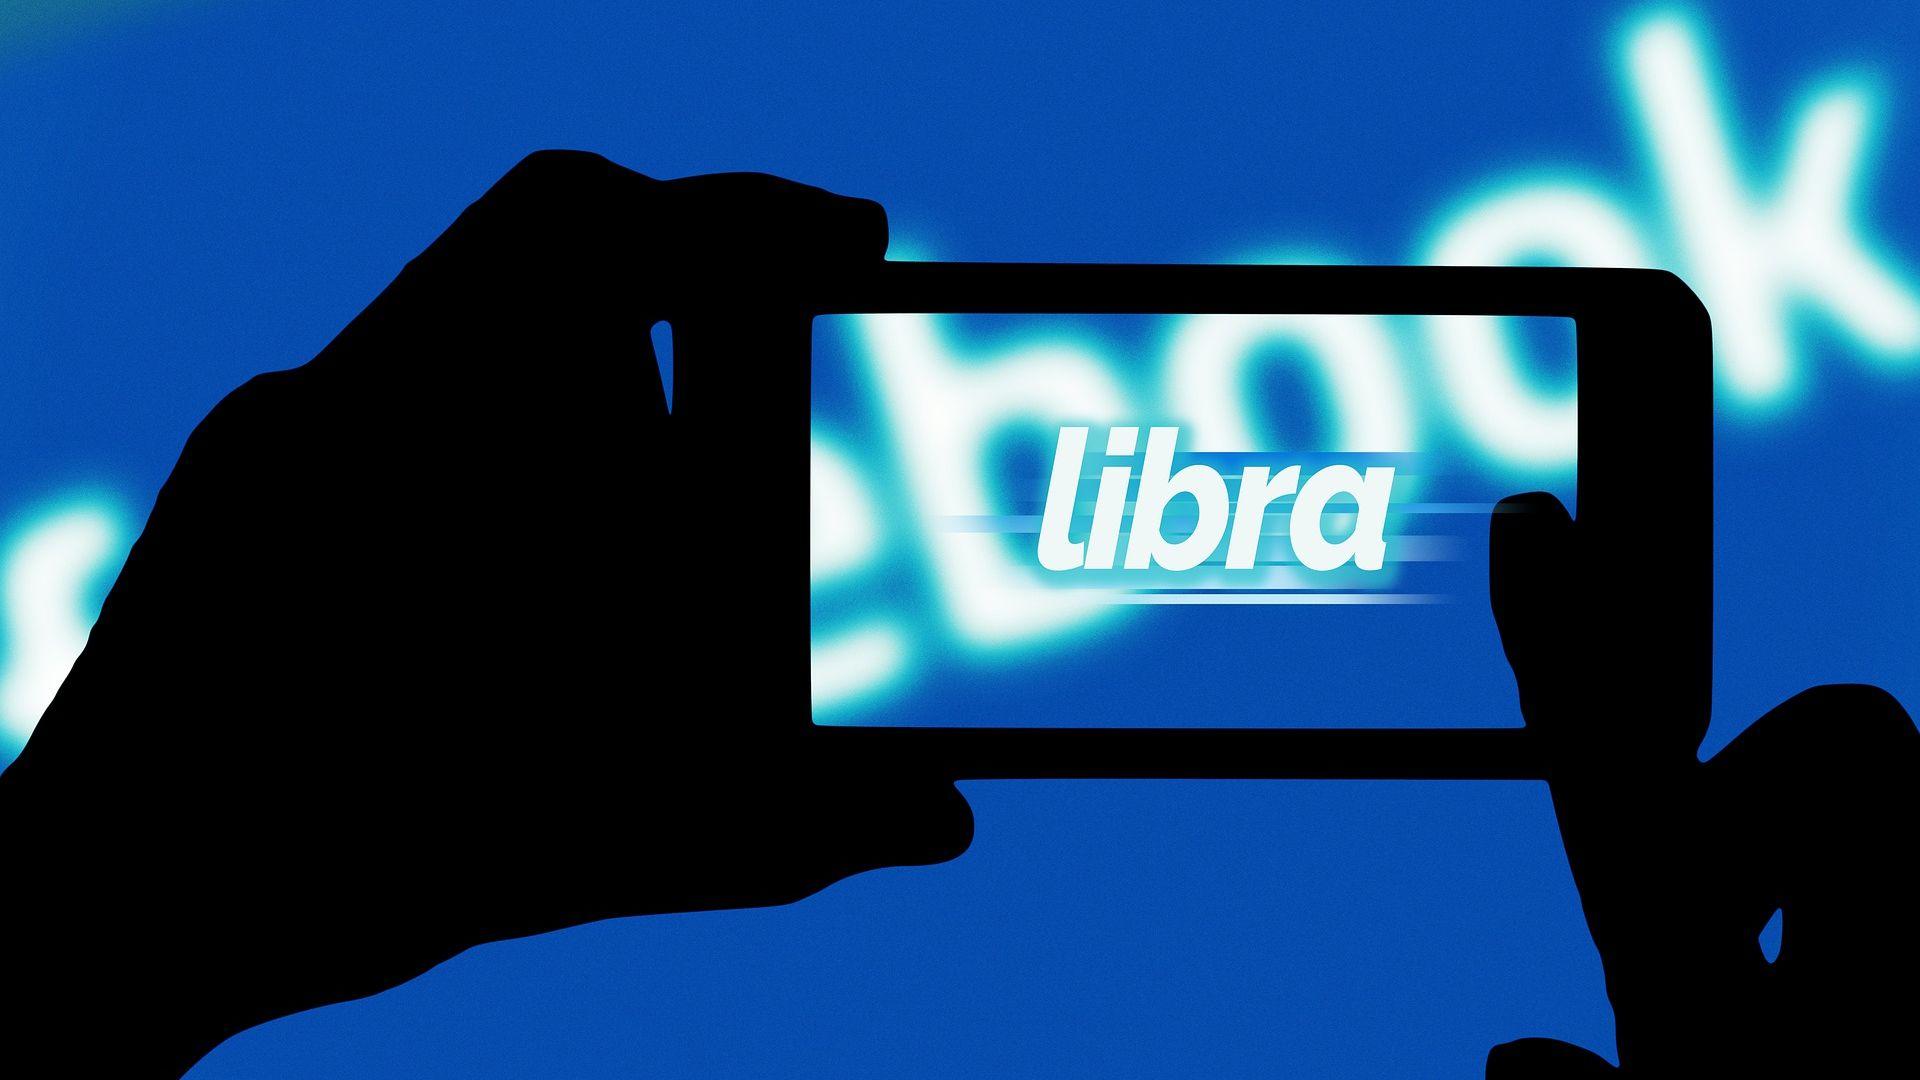 Kryptowährung: Datenschützer äußern Bedenken zu Facebooks Libra